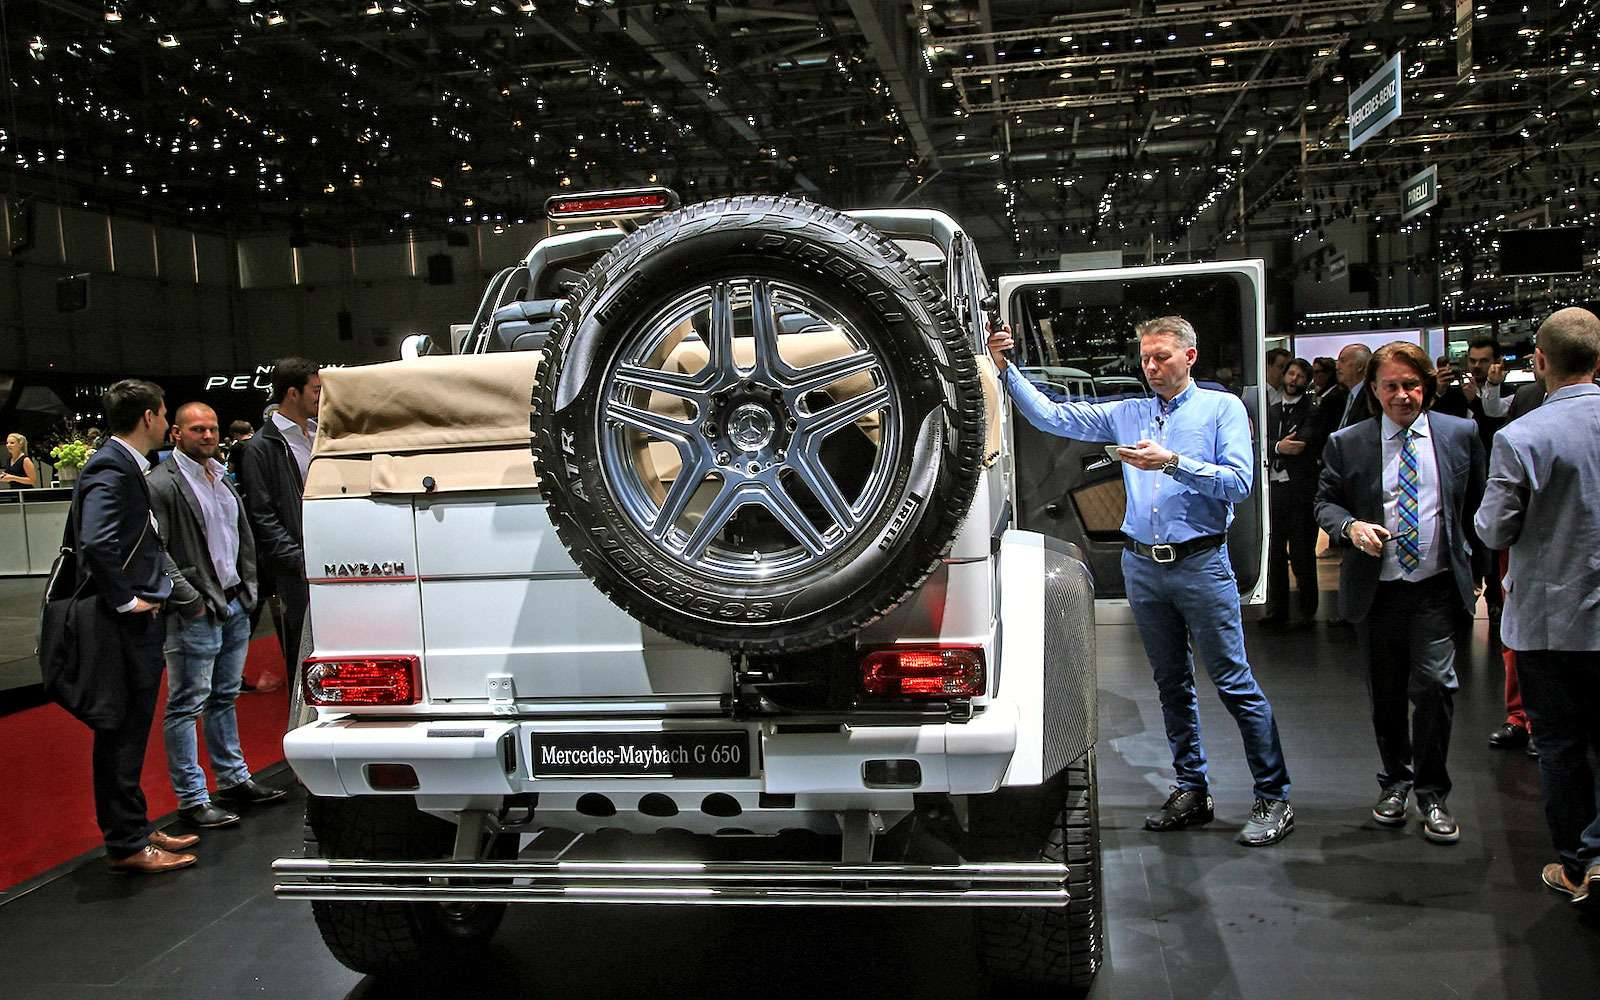 Задавить массой: Mercedes-Maybach G650 Landaulet возвысился надтолпой— фото 718953